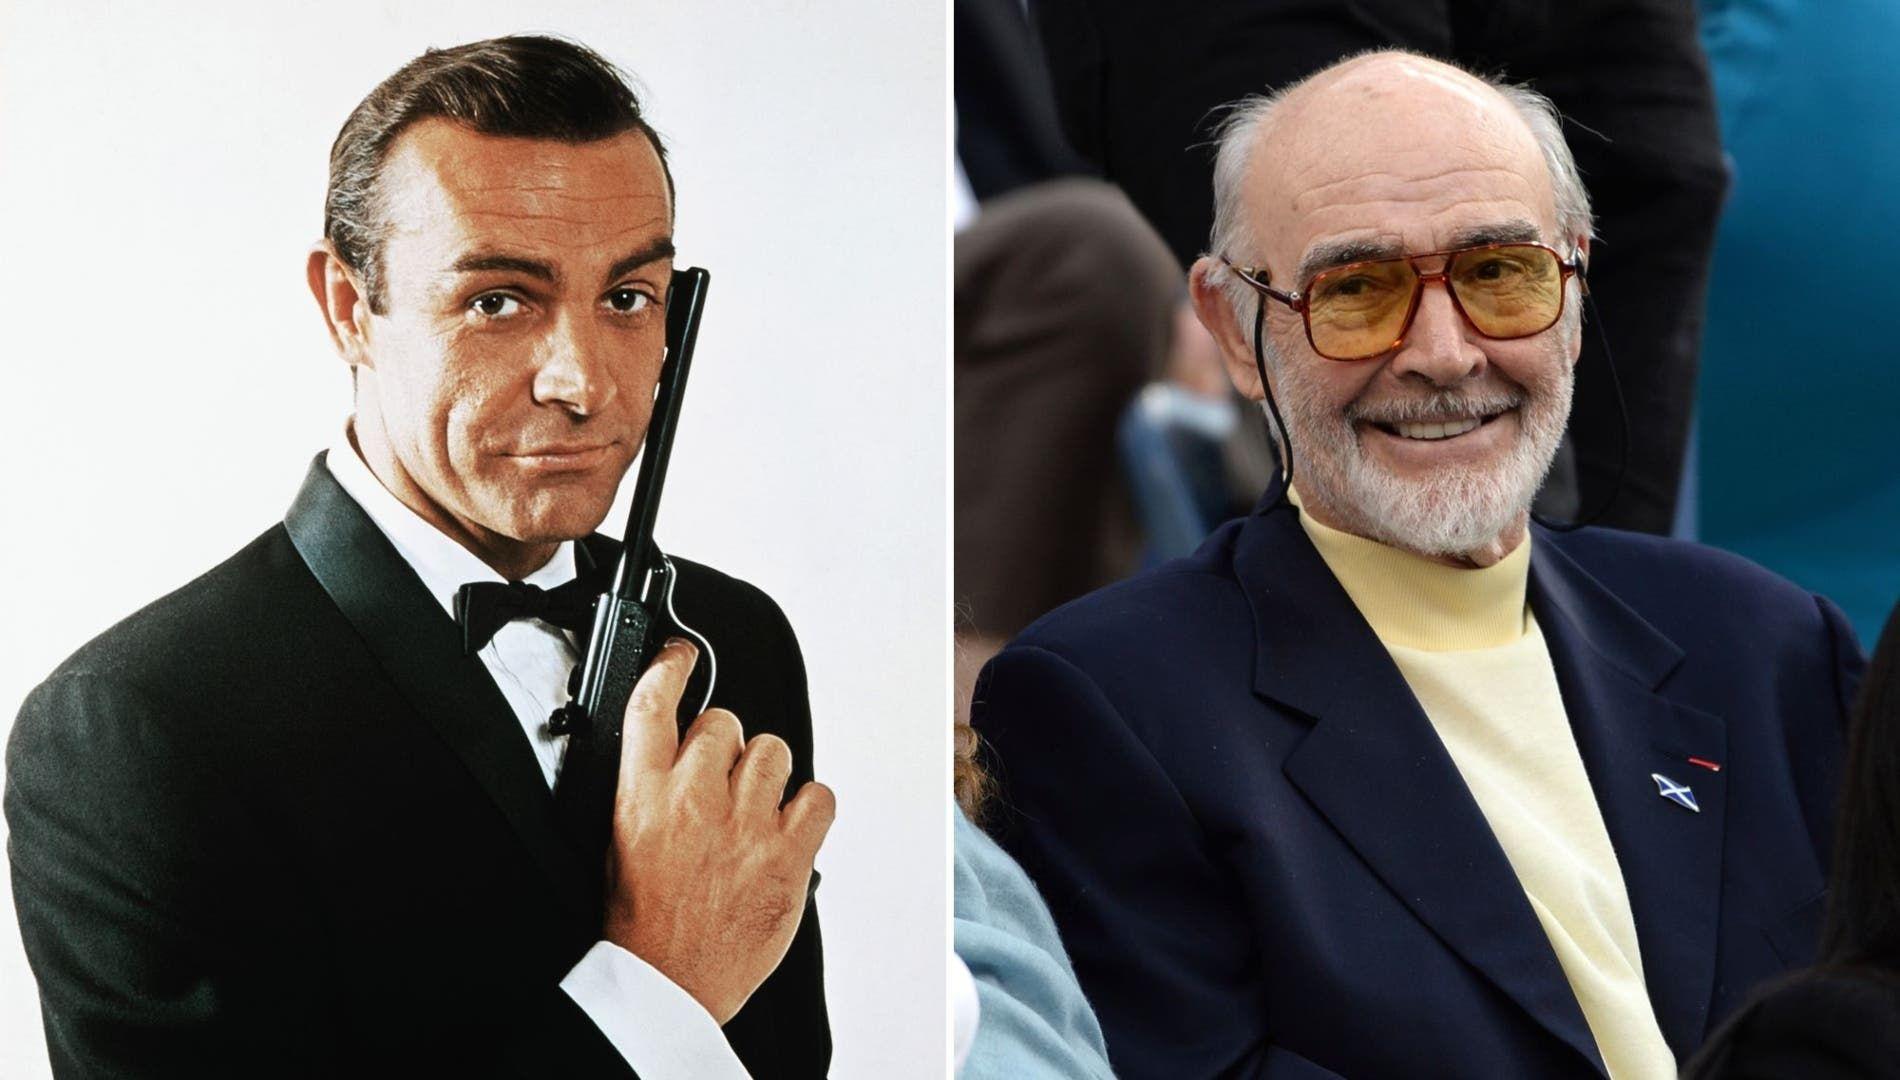 وفاة النجم شون كونري أول من قام بشخصية جيمس بوند في التاريخ Sean Connery James Bond Actors Actors